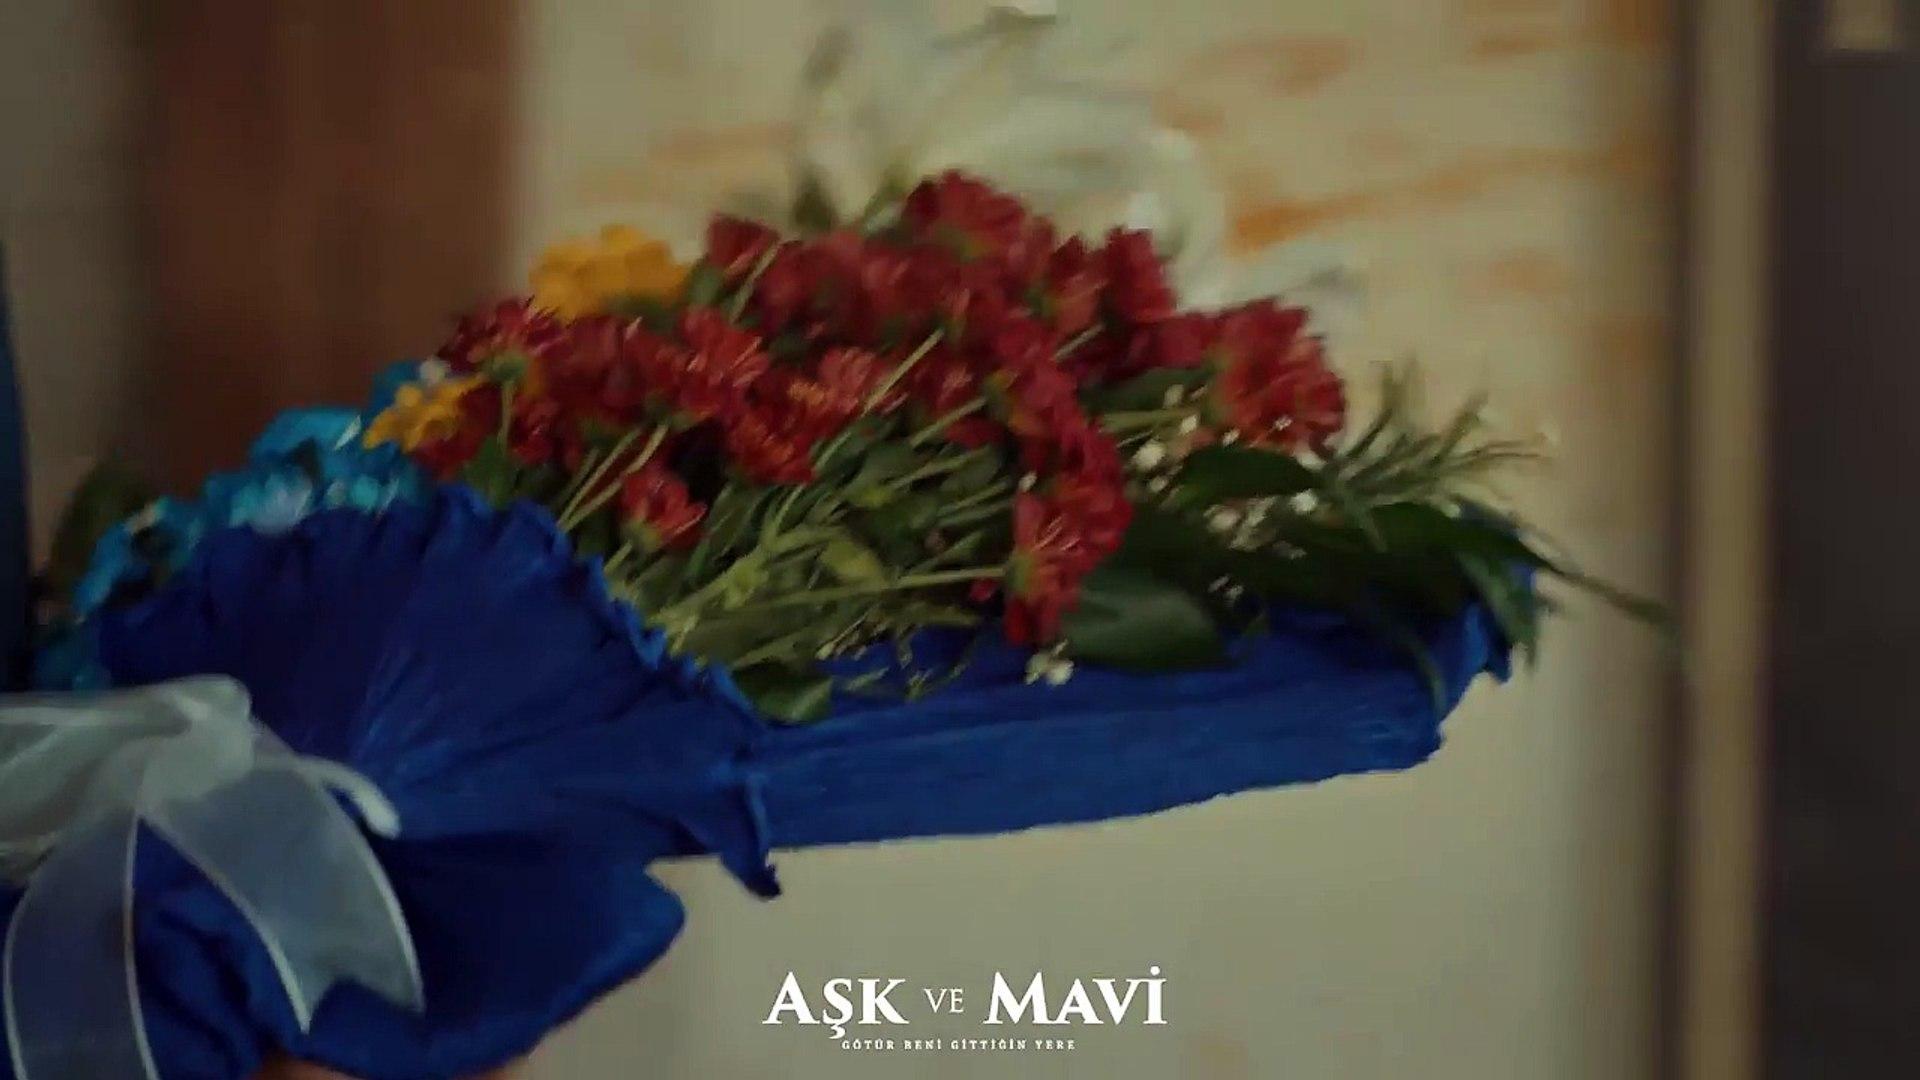 Aşk ve Mavi 39.Bölüm - Sinem, Ali'nin kartıyla kendine çiçek siparişi veriyor!